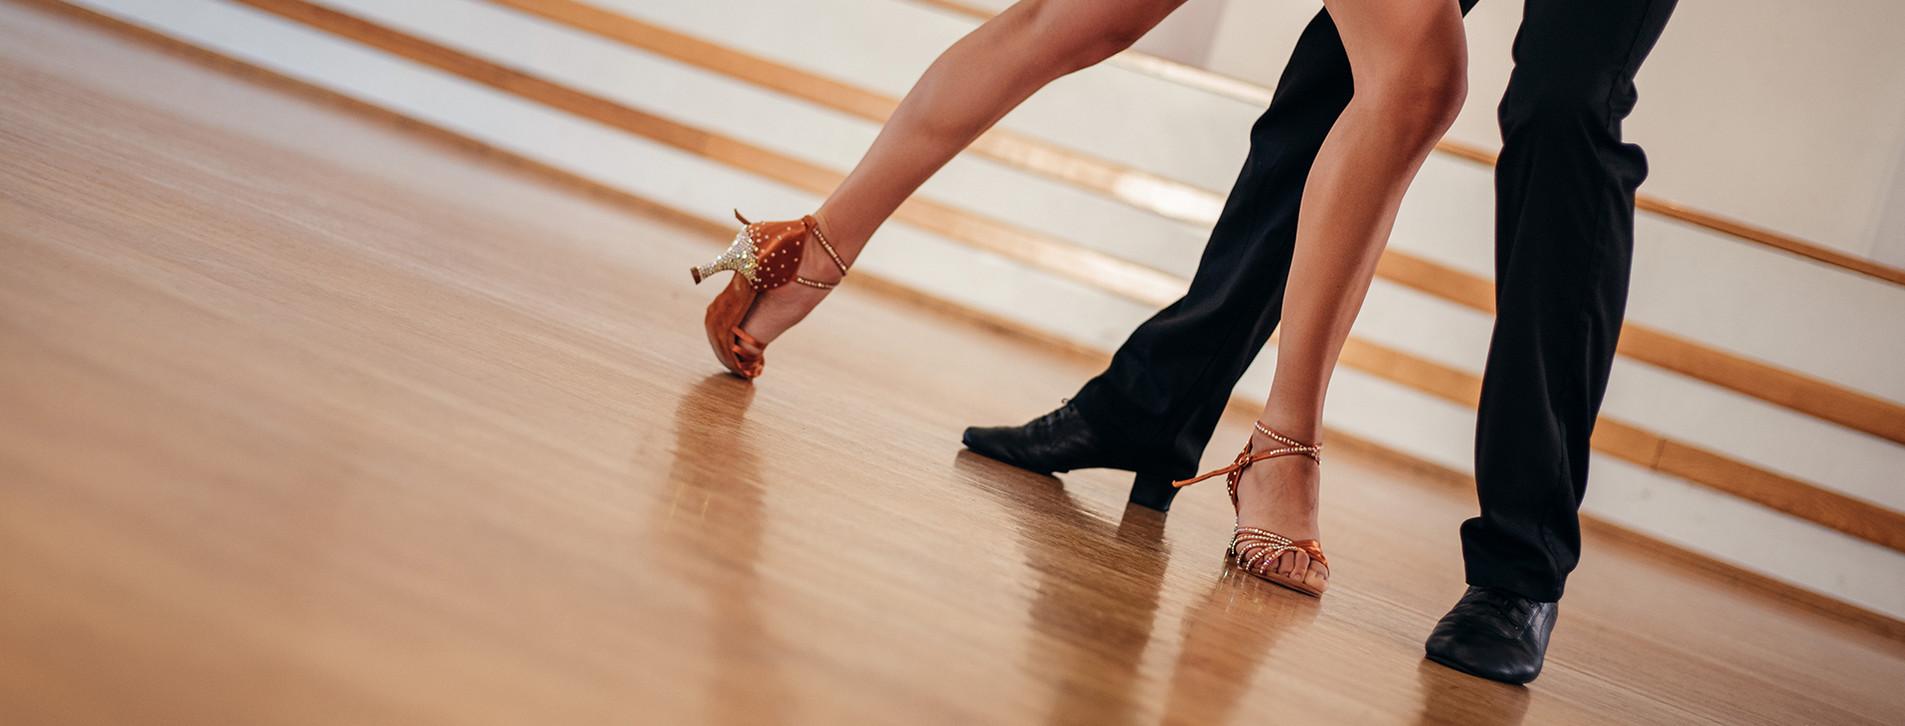 Фото - Майстер-клас аргентинського танго